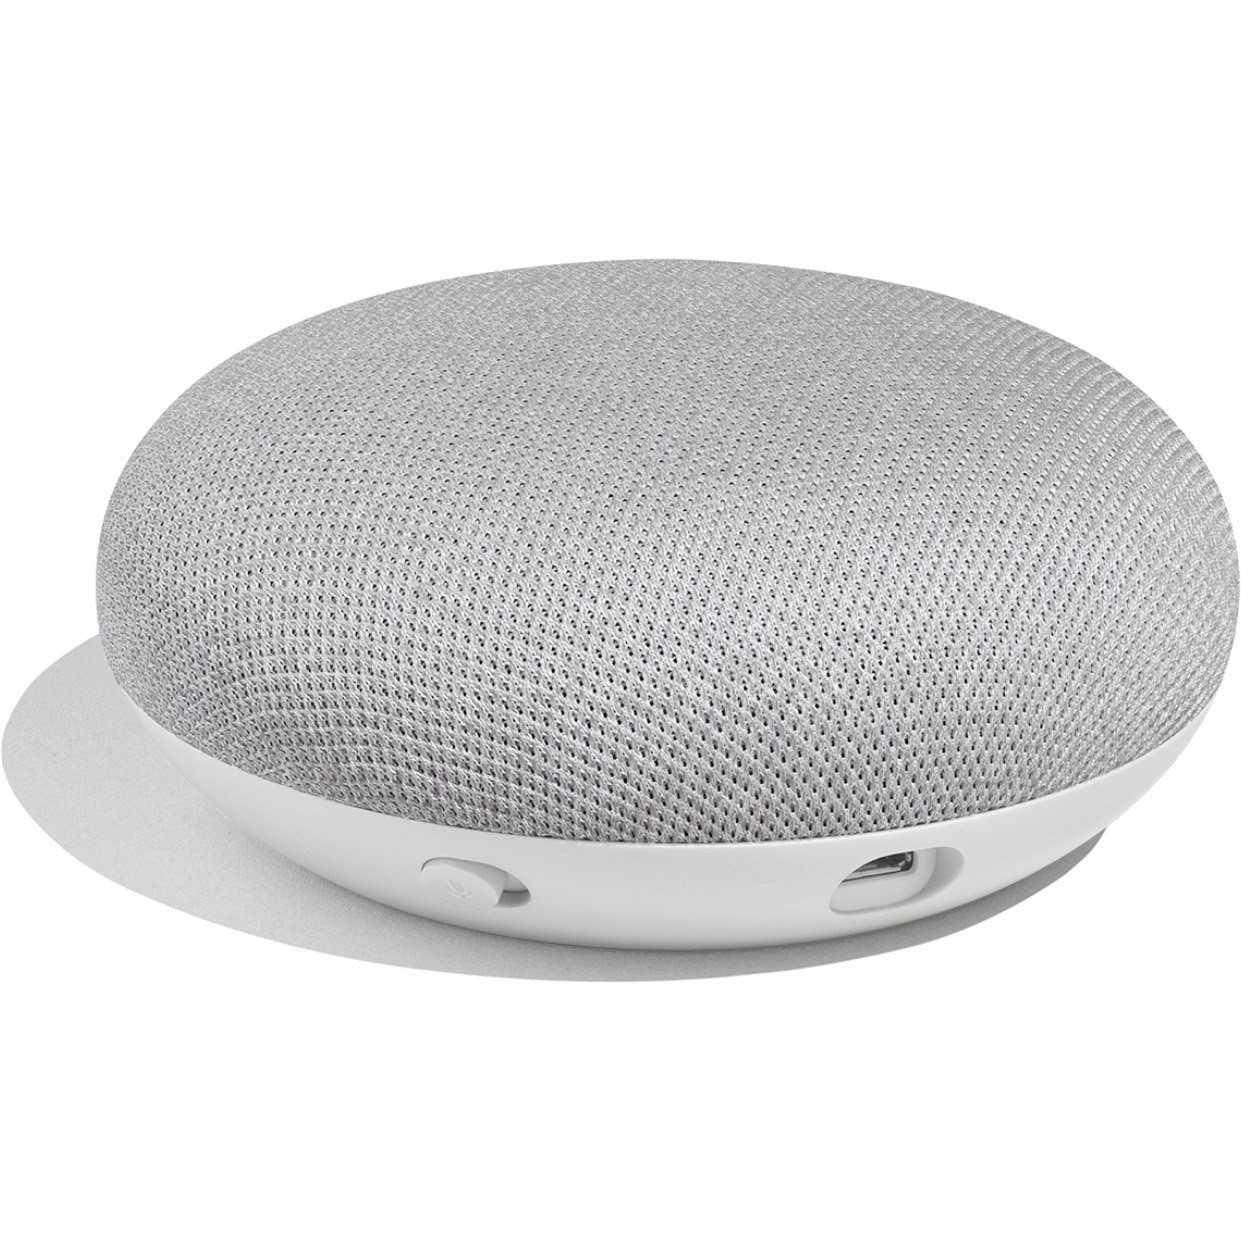 Установка и настройка умной колонки google home mini